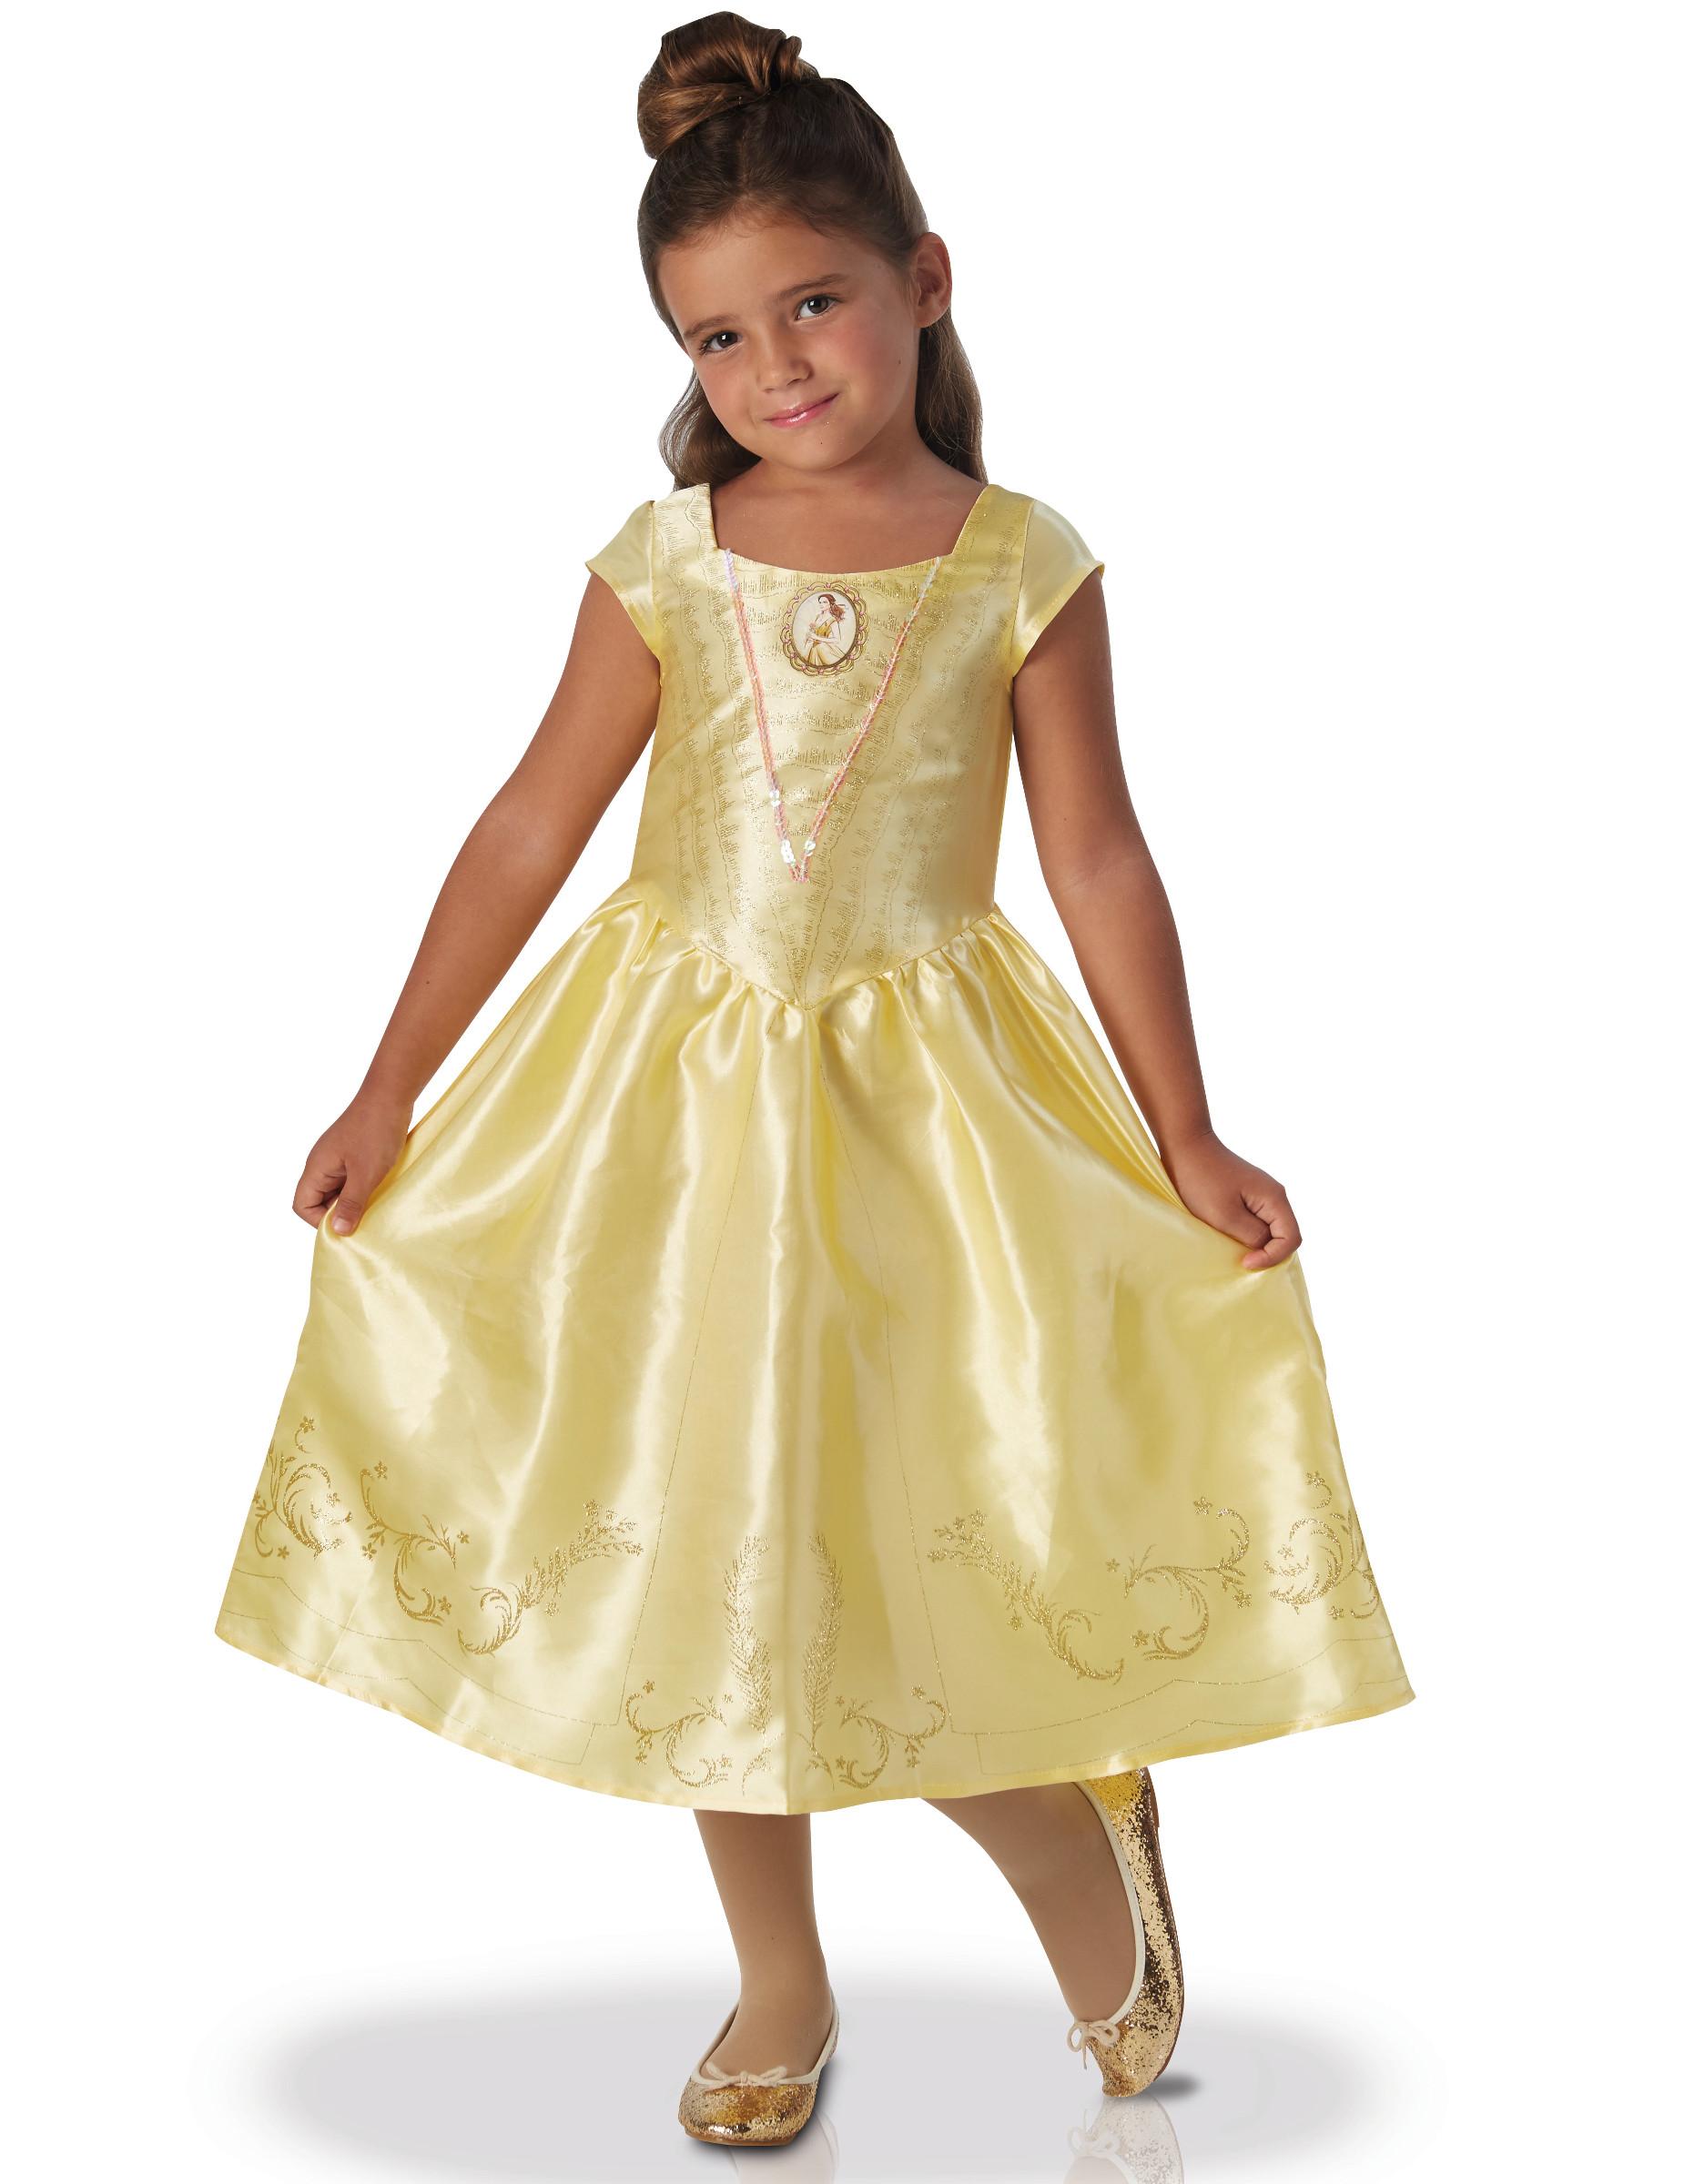 belle costume bambina  Costume da Belle™ per bambina - La bella e la bestia™: Costumi ...